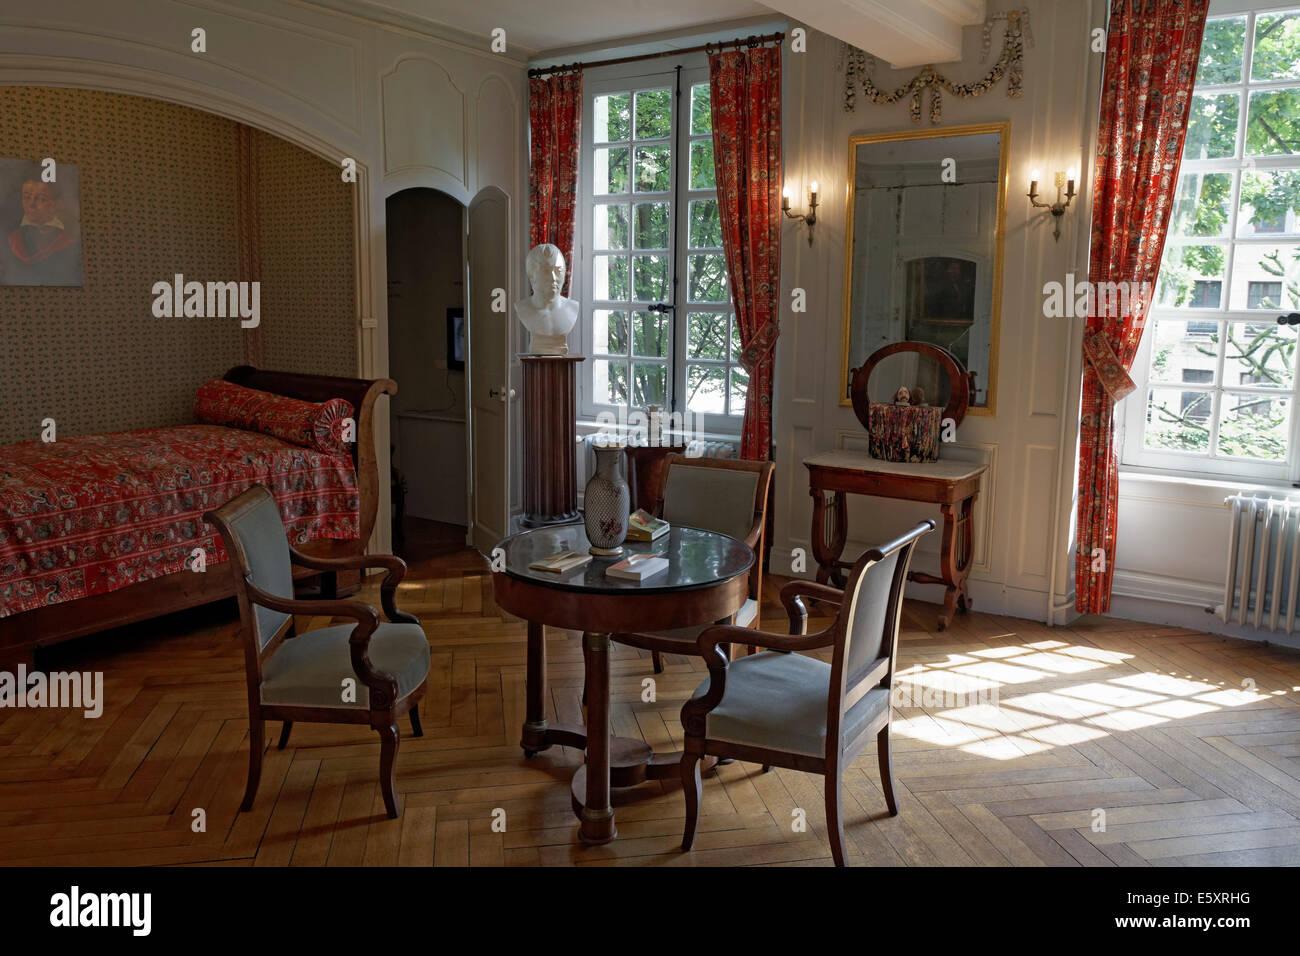 living room france stockfotos living room france bilder alamy. Black Bedroom Furniture Sets. Home Design Ideas